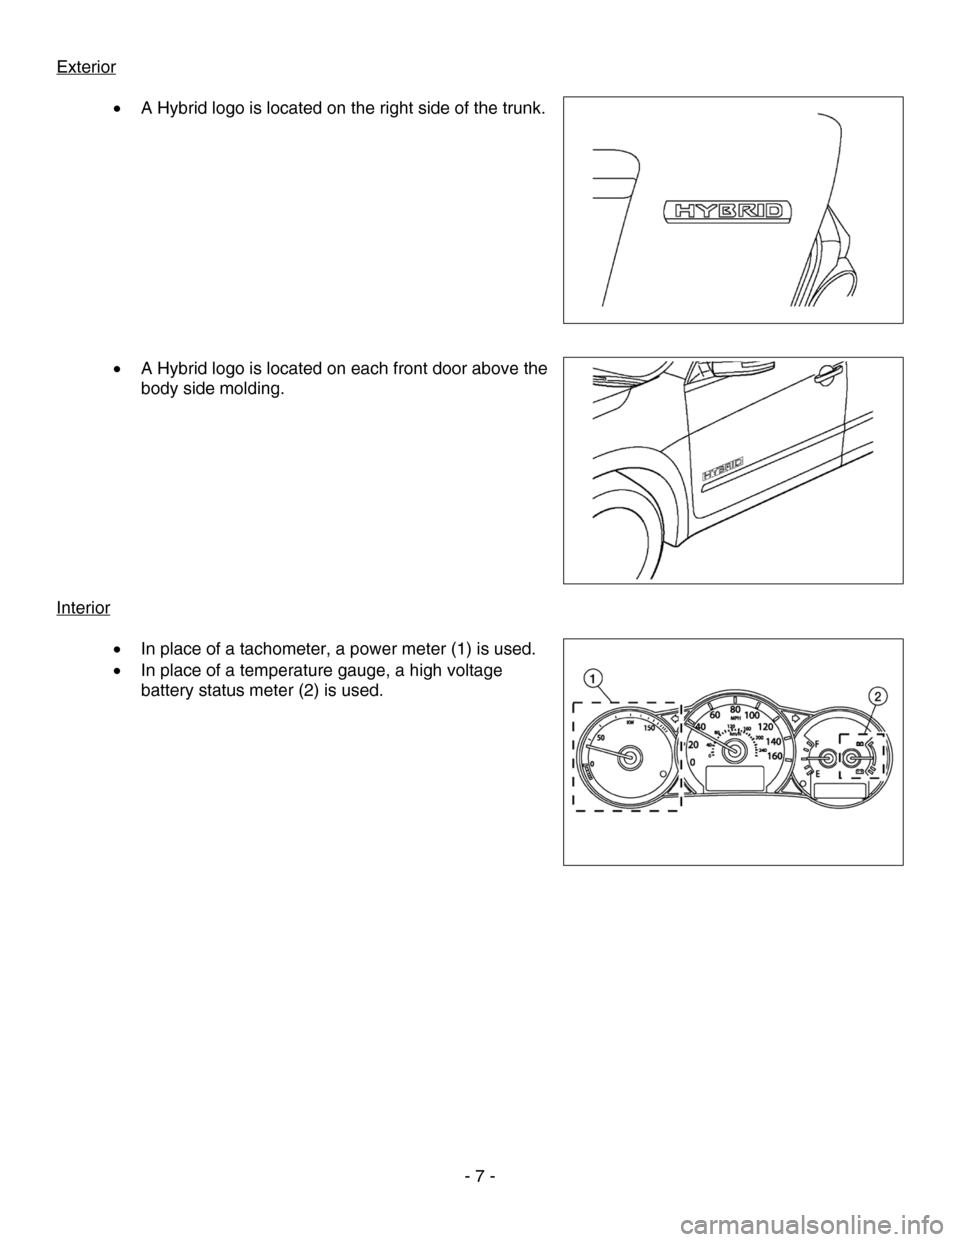 Conditioner Relay Fuse For A 2012 Nissan Altima Auto Parts Diagrams